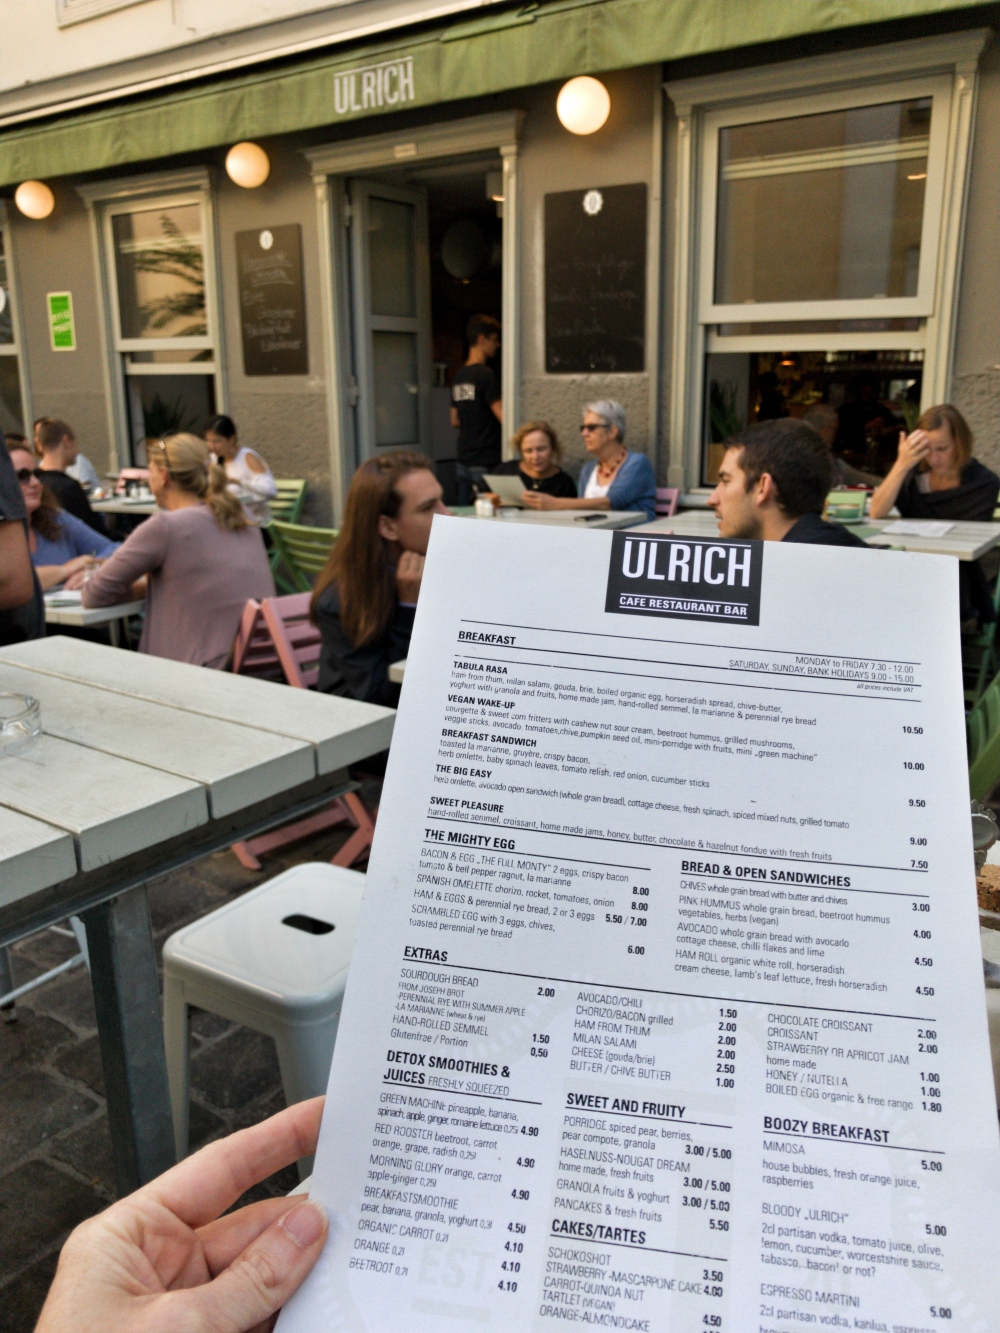 Ulrich Cafe in Vienna, Austria